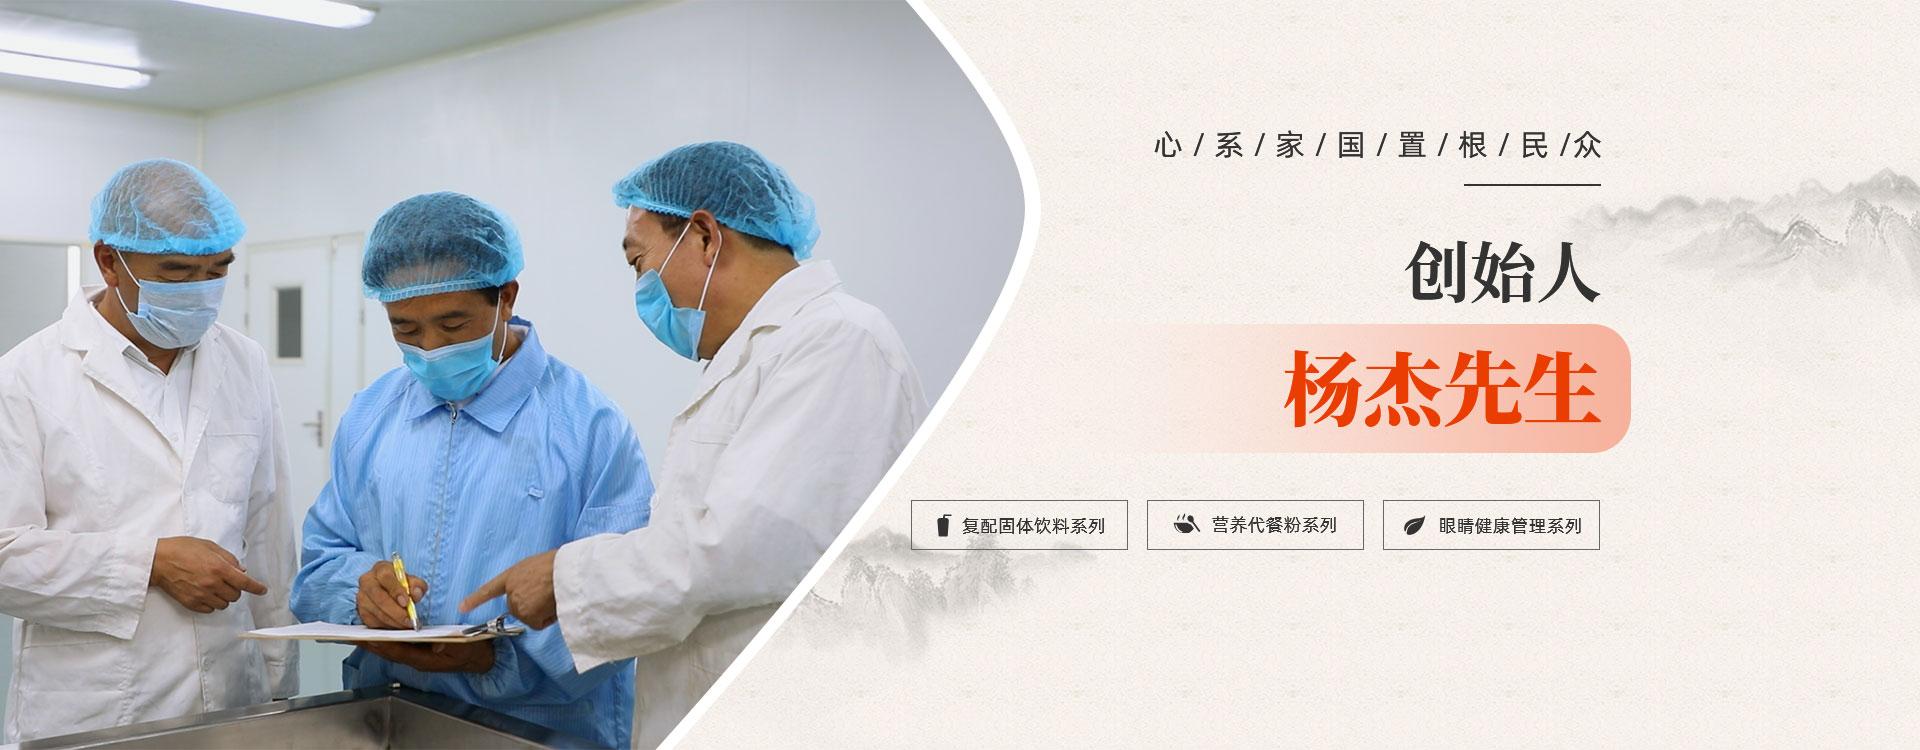 北京营养代餐粉